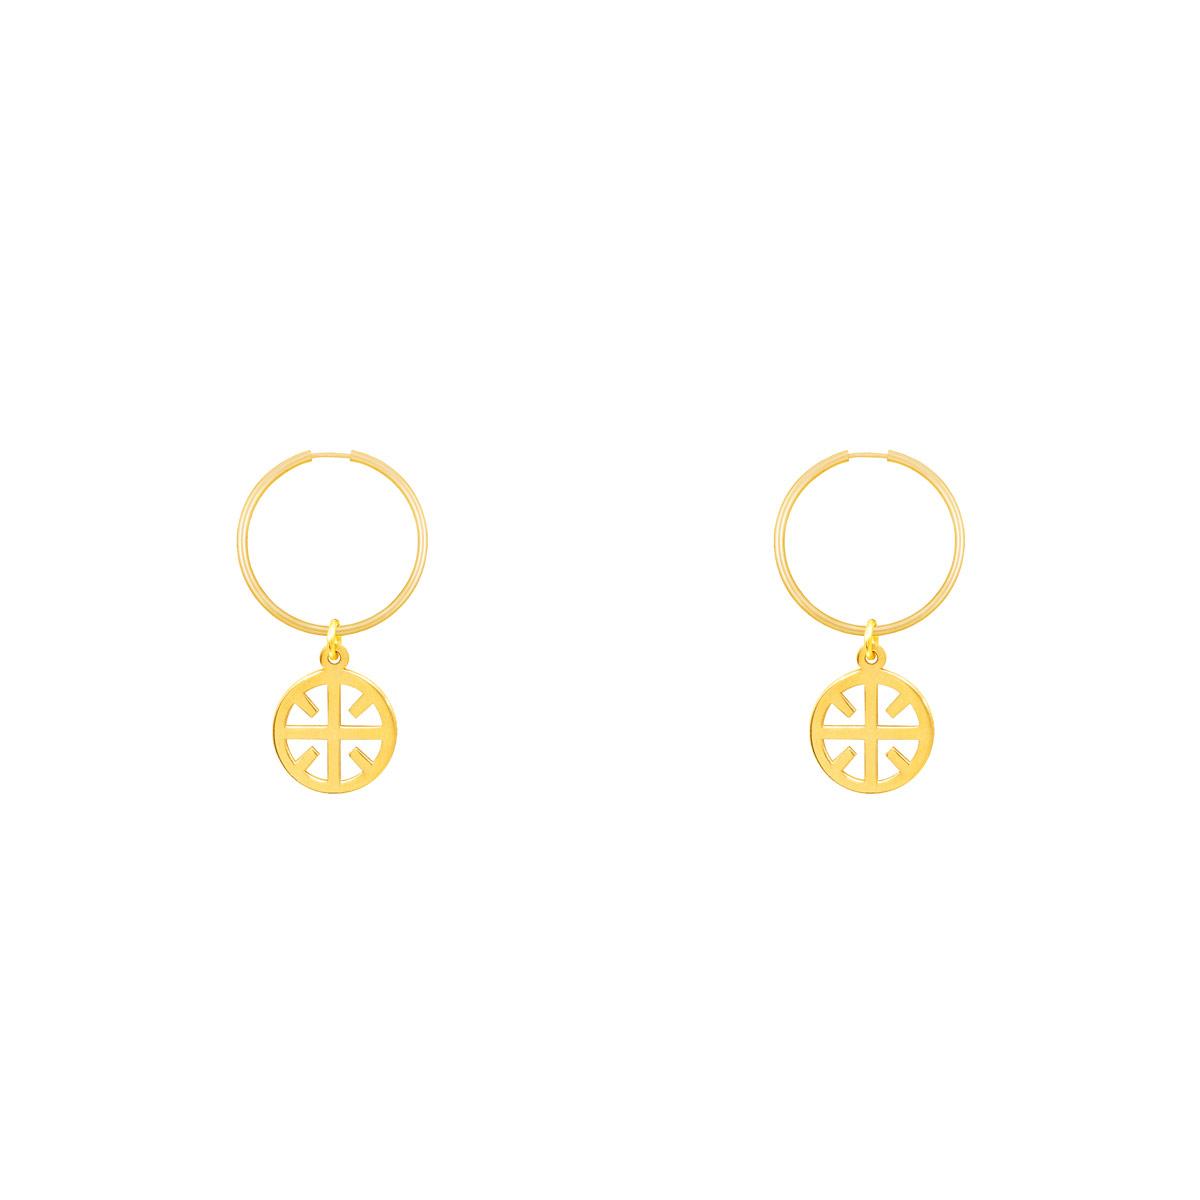 گوشواره طلا حلقه ای نور پرسته